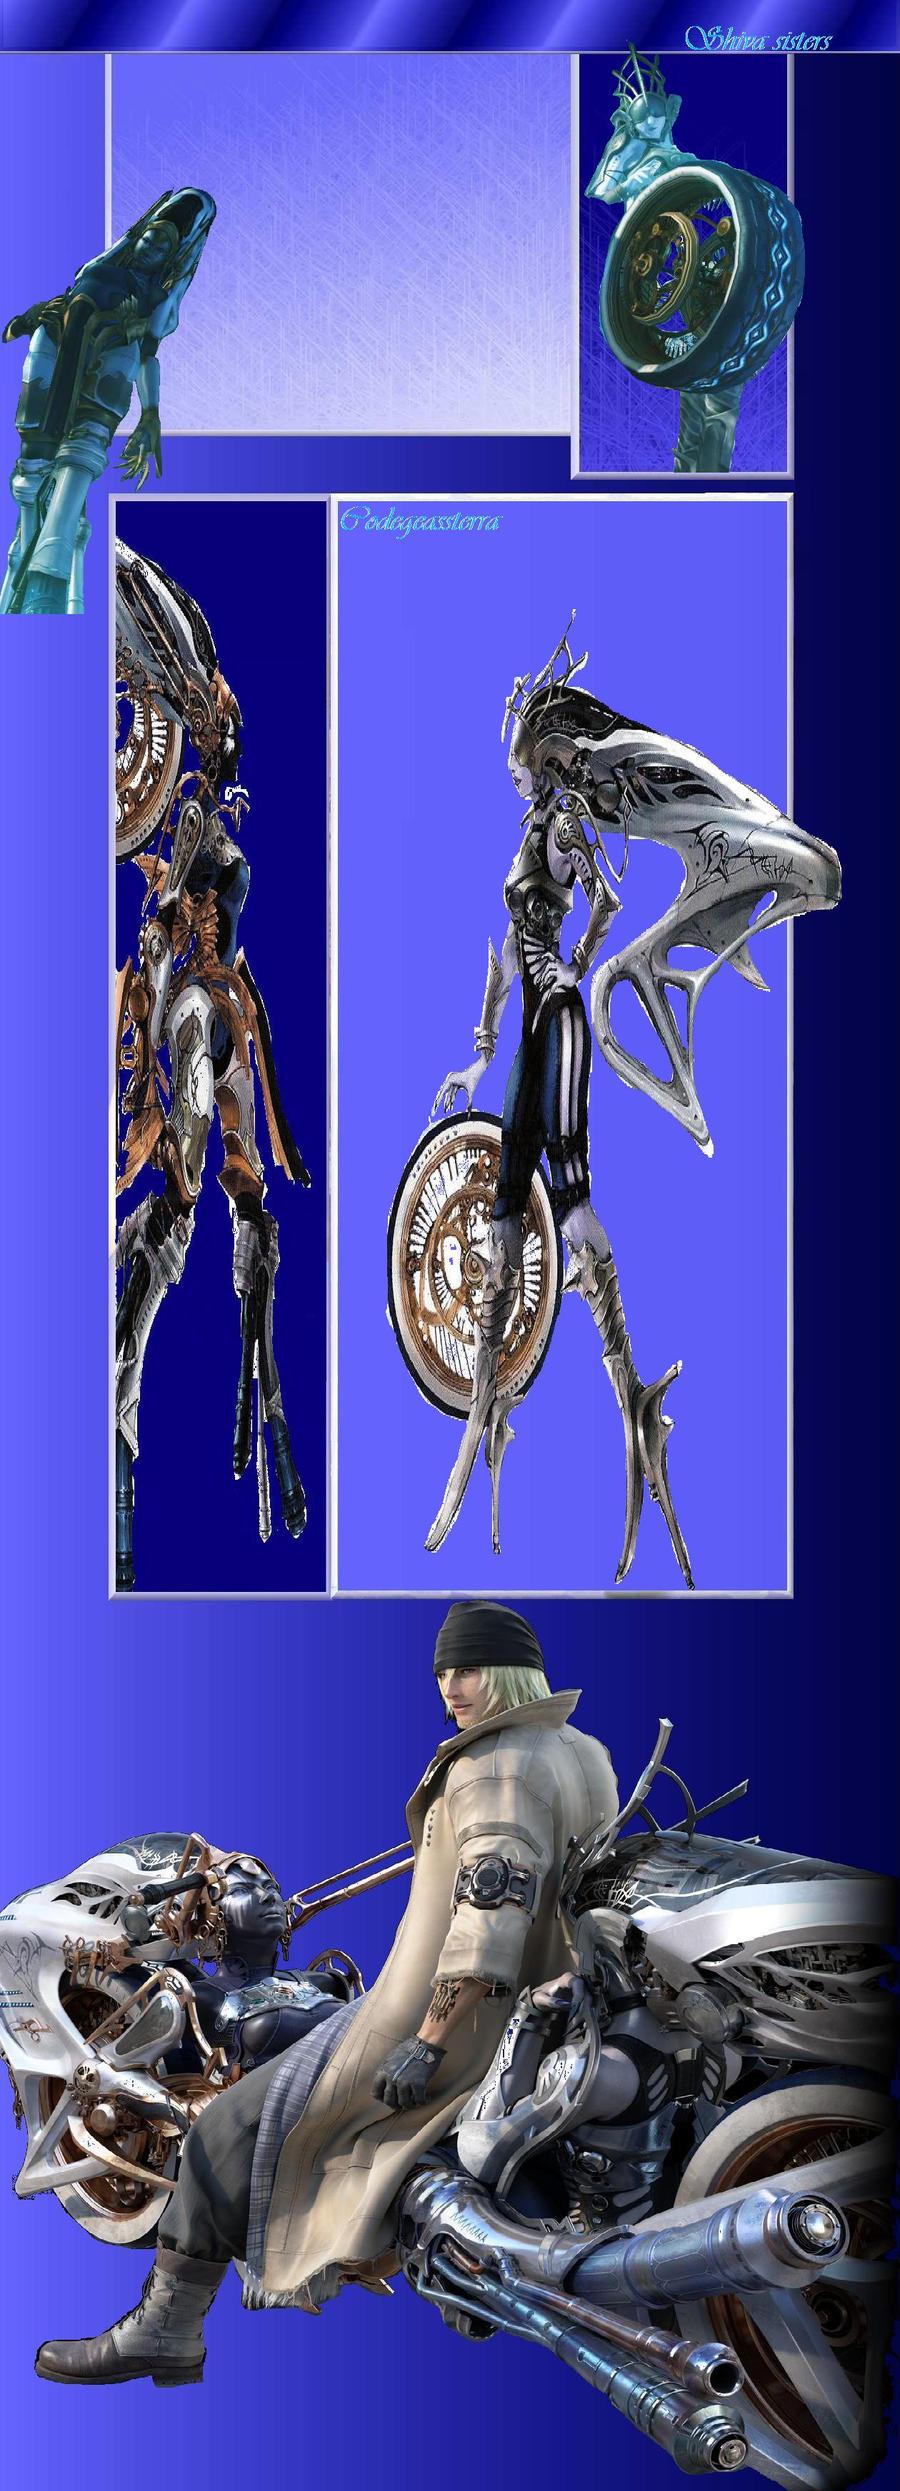 Shiva Youtube Wallpaper By Gamegirl2009 On DeviantArt